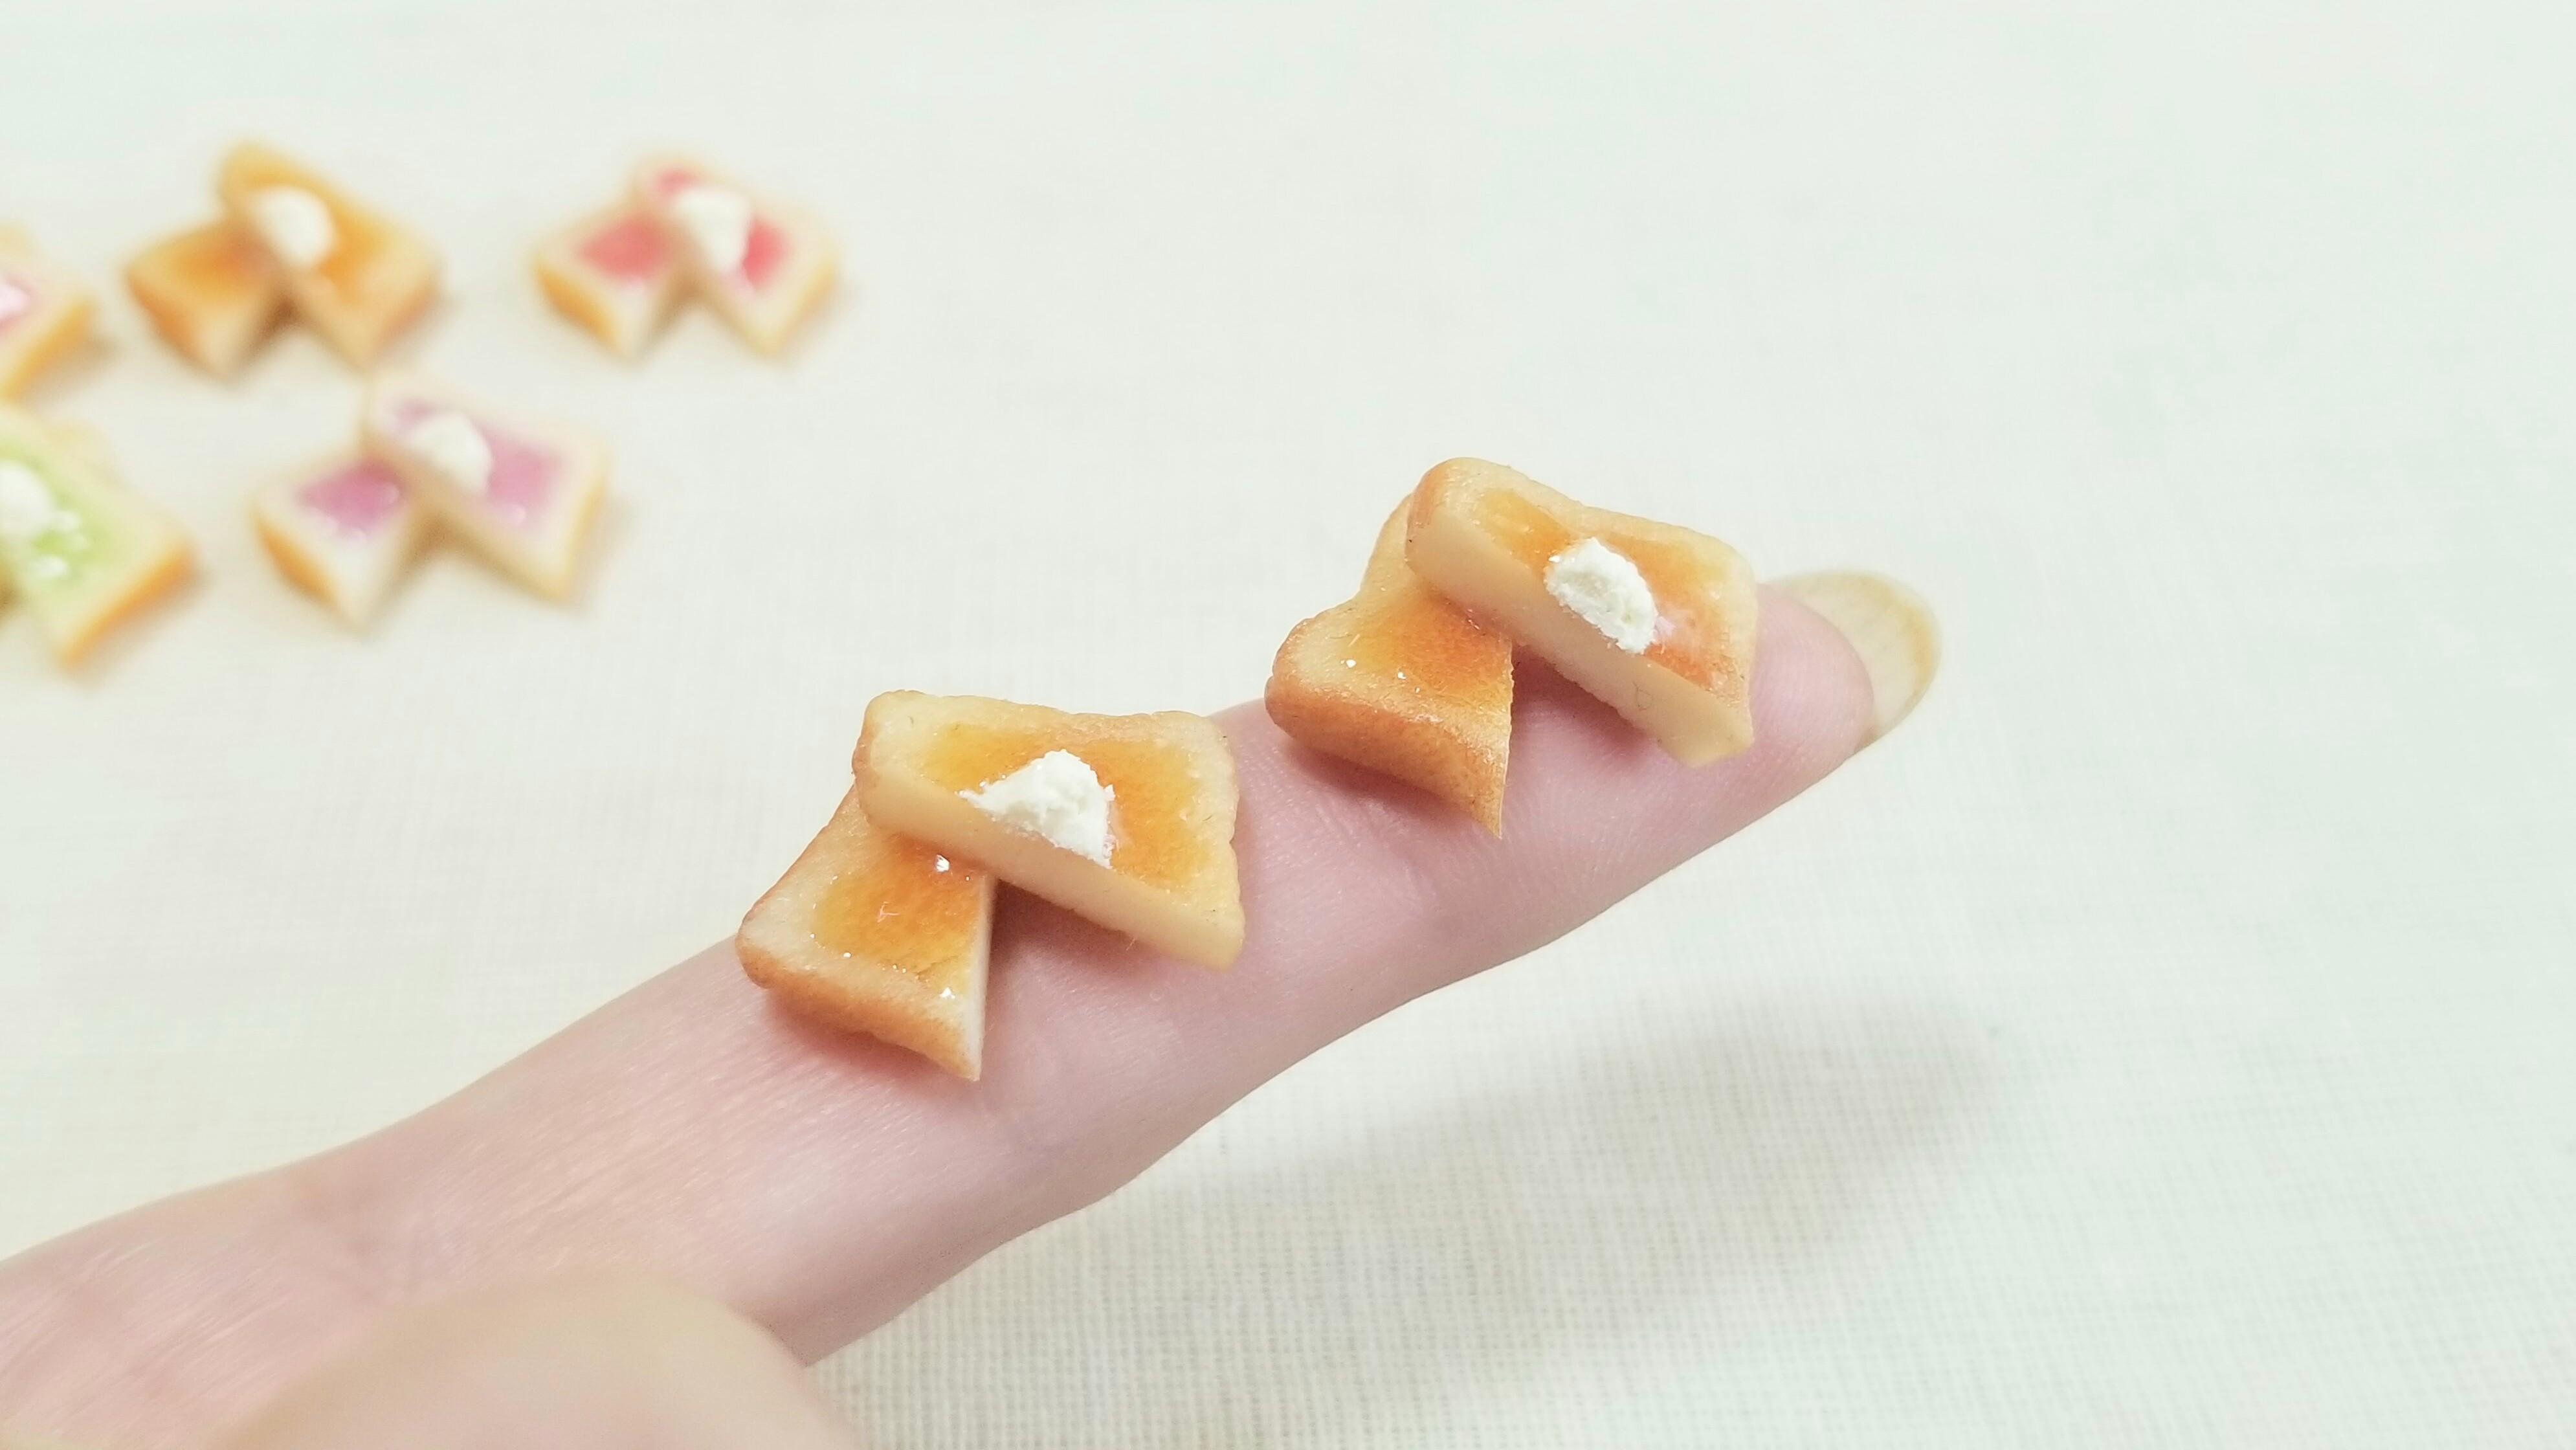 ミニチュアフードハンドメイド小物かわいいドールサイズパン人気商品